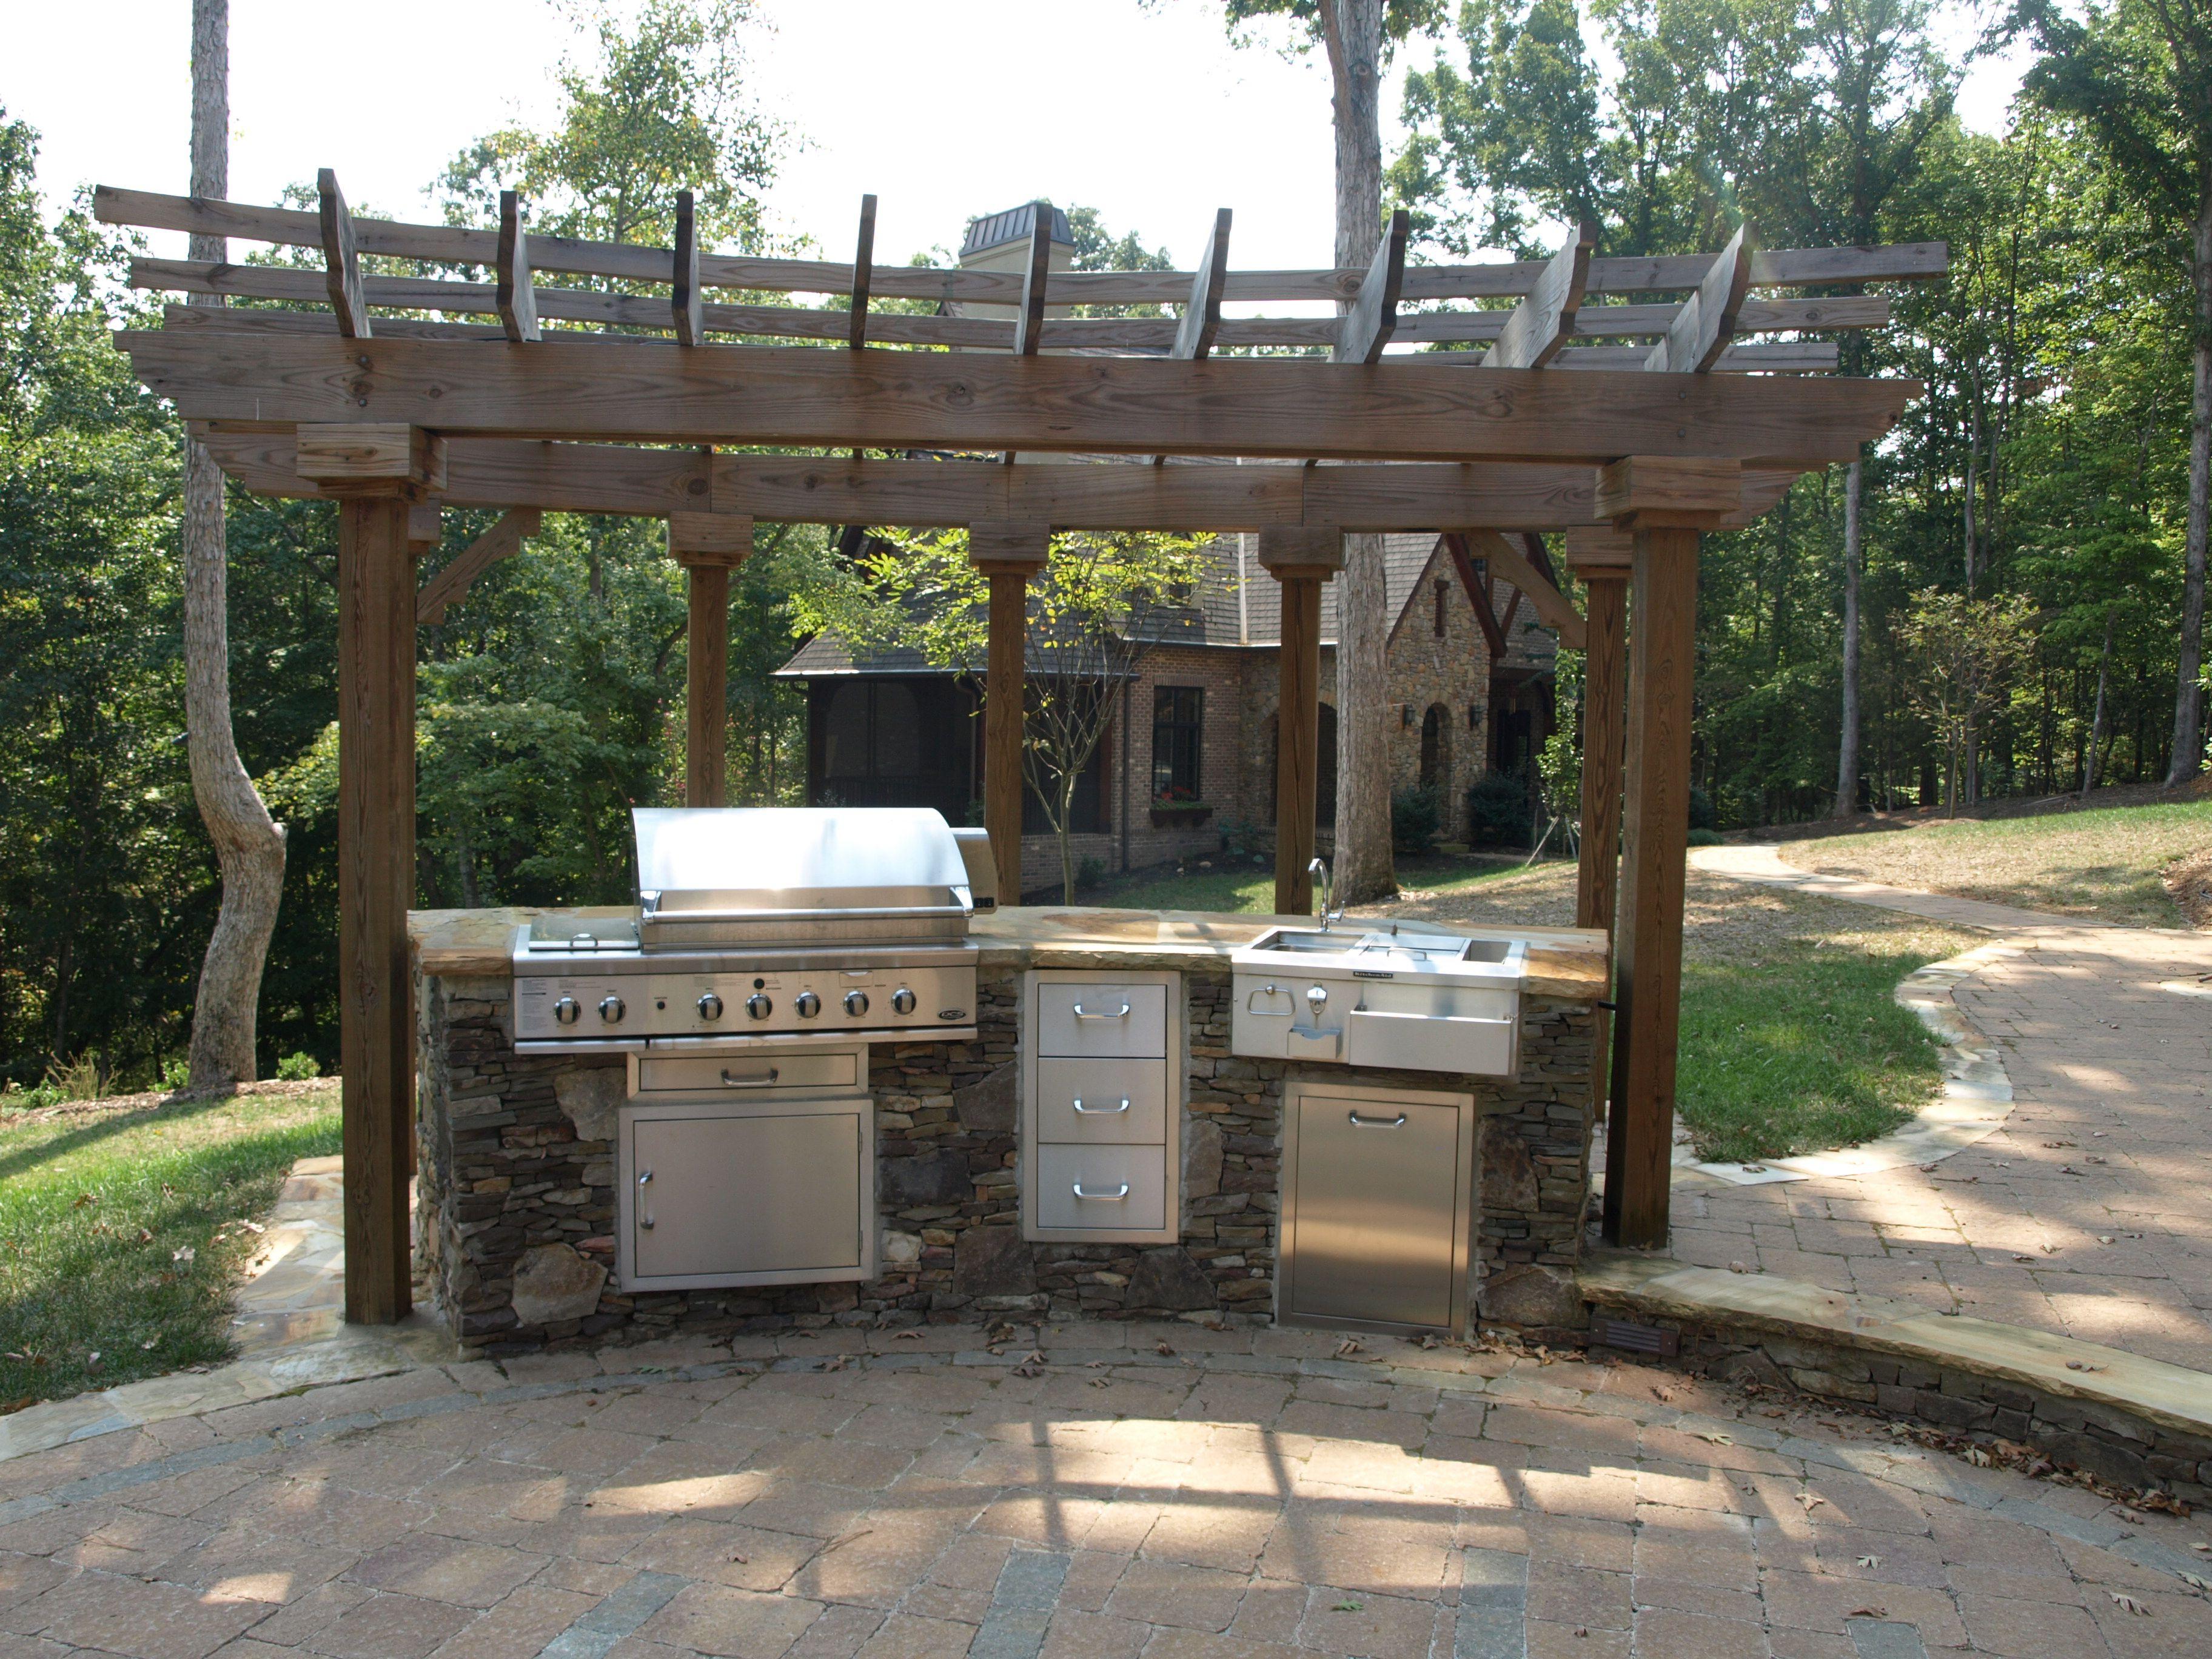 Outdoor Patio Bar Ideas | Outdoor Patio 3648x2736 Outdoor Living ...